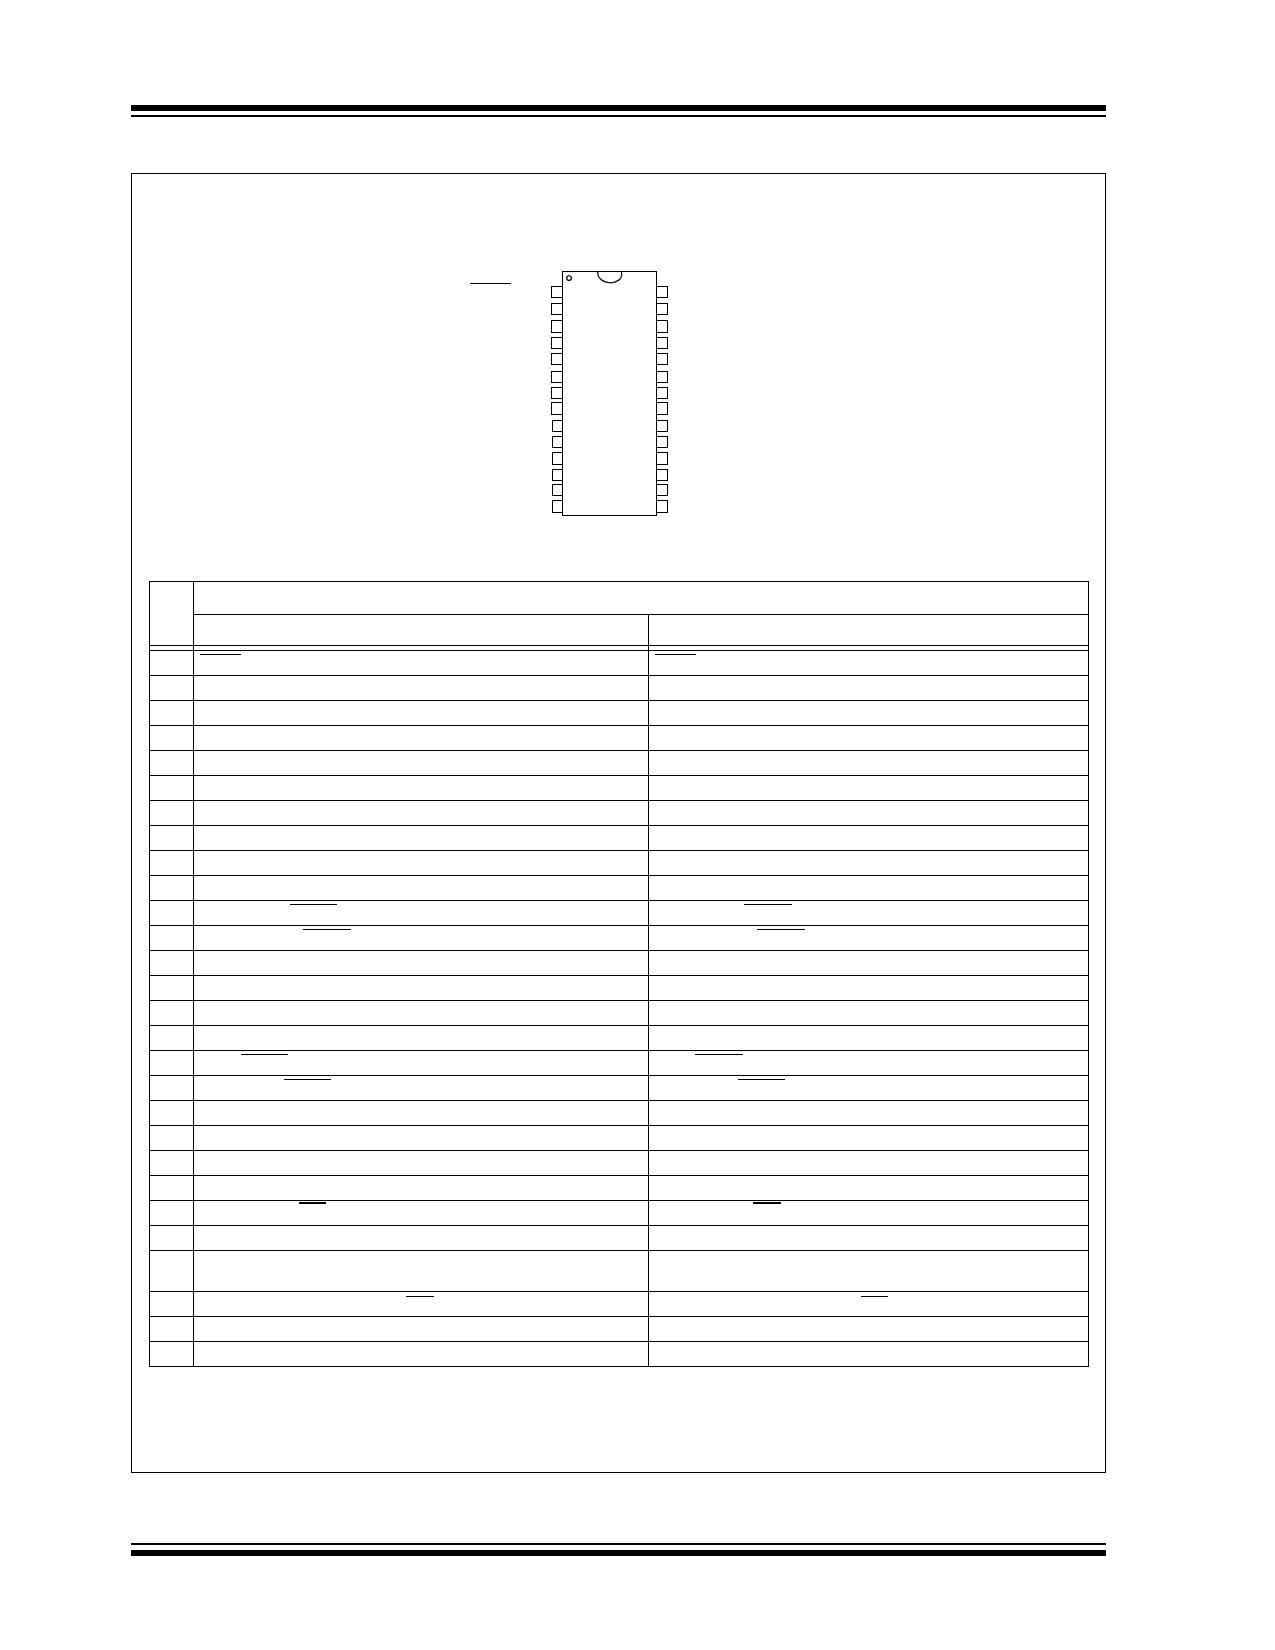 PIC24F32KA302 pdf, 반도체, 판매, 대치품